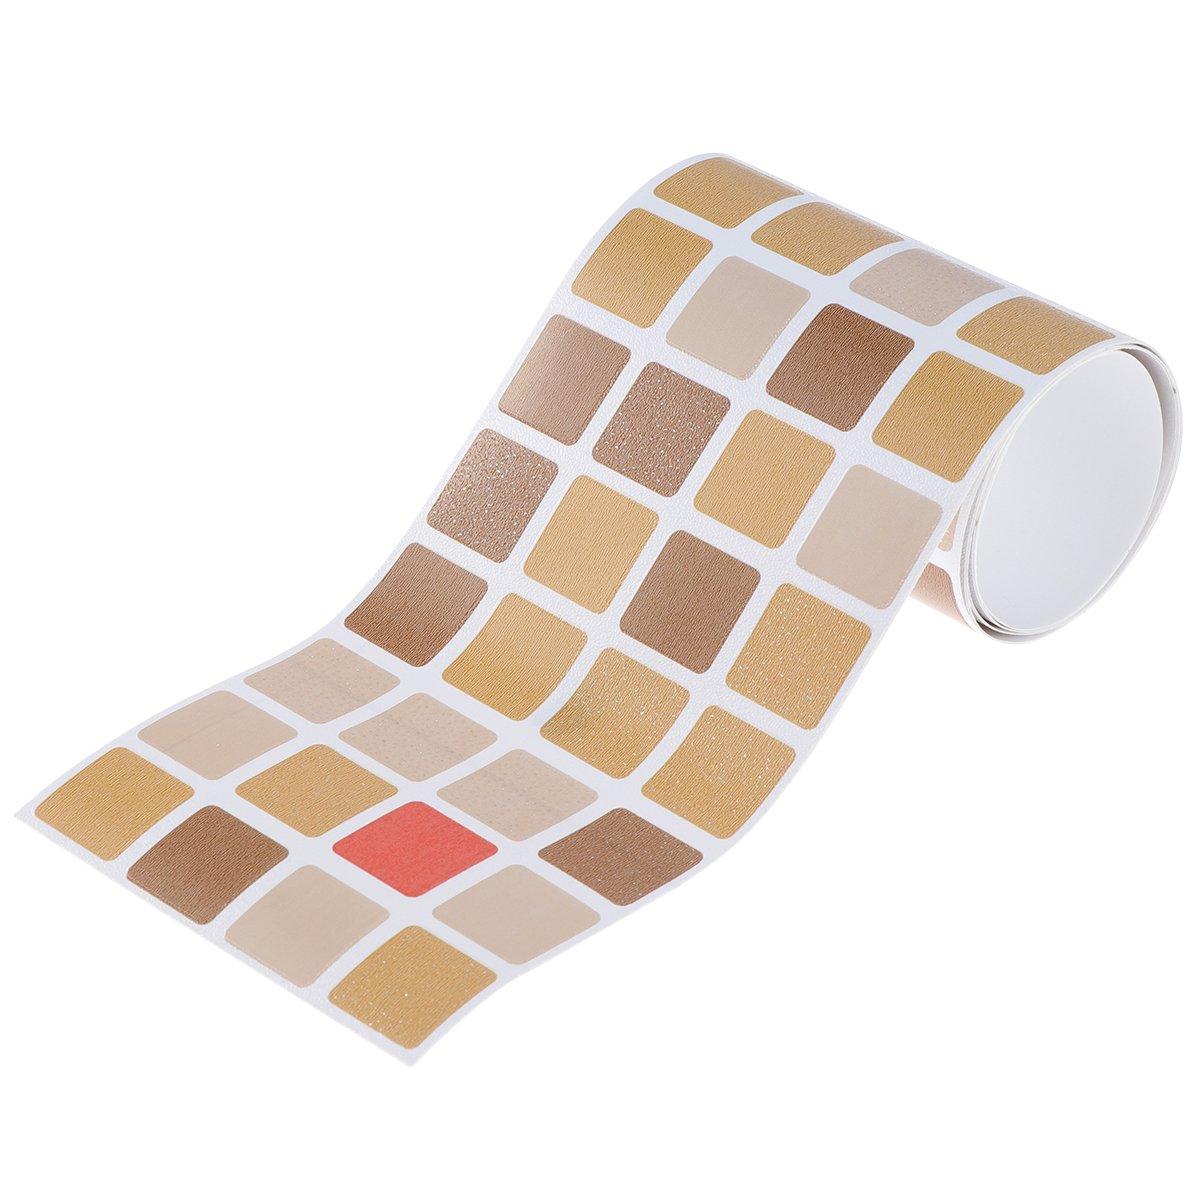 BESTONZON Tuiles de mosaïque auto-adhésives démontables anti-moisissure imperméable à l'eau et bâton de mur pour la décoration de salle de bains de cuisine